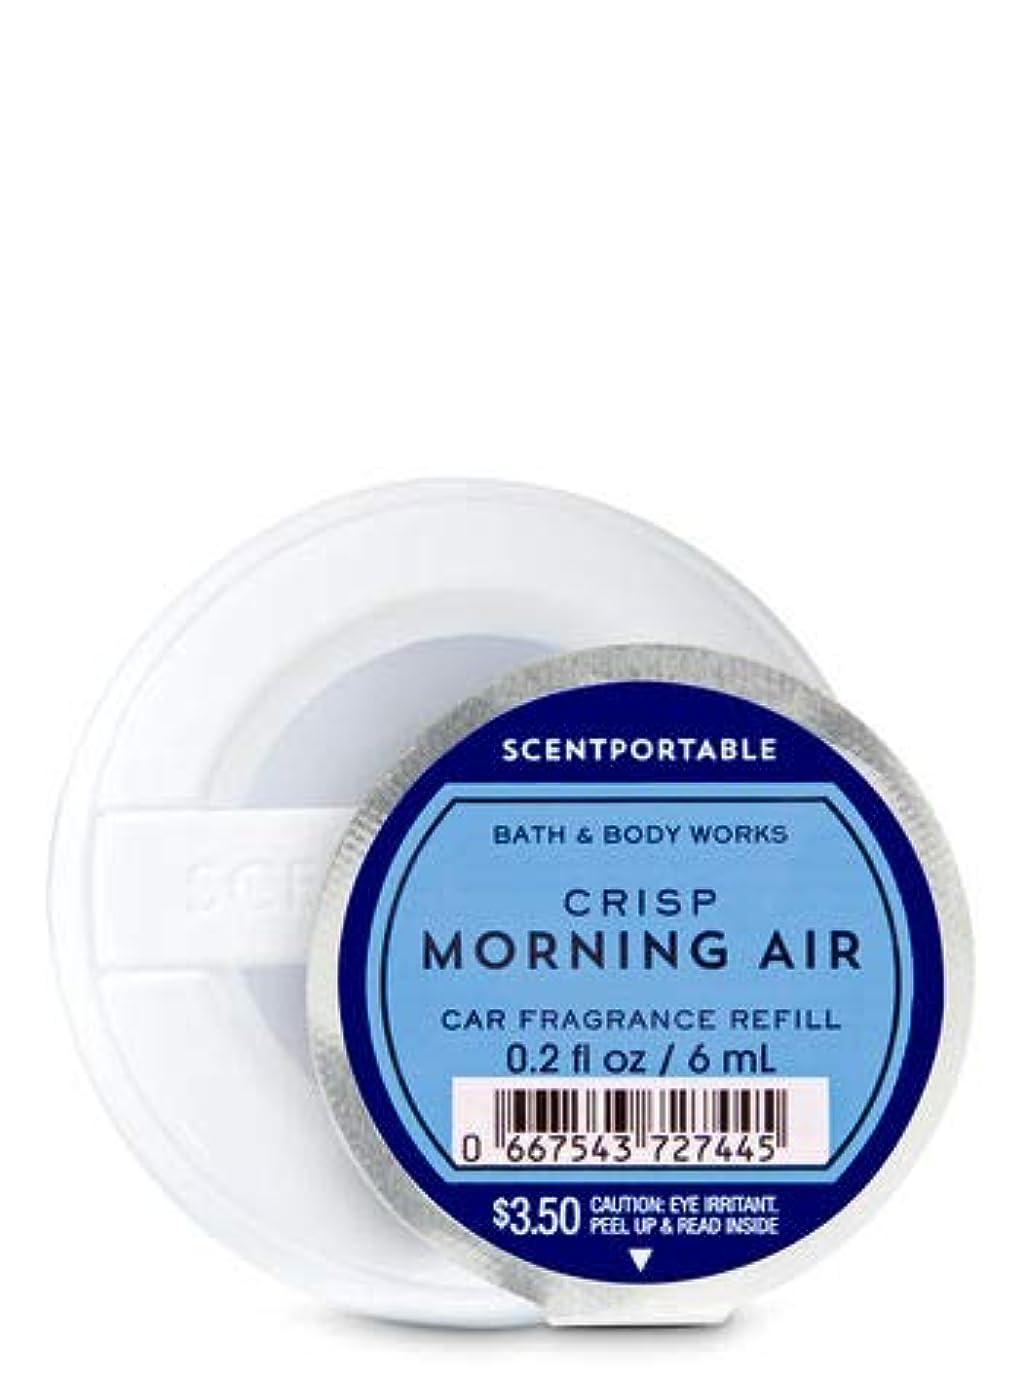 黒人ティッシュ臭い【Bath&Body Works/バス&ボディワークス】 クリップ式芳香剤 セントポータブル詰替えリフィル クリスプモーニングエアー Scentportable Fragrance Refill Crisp Morning Air [並行輸入品]